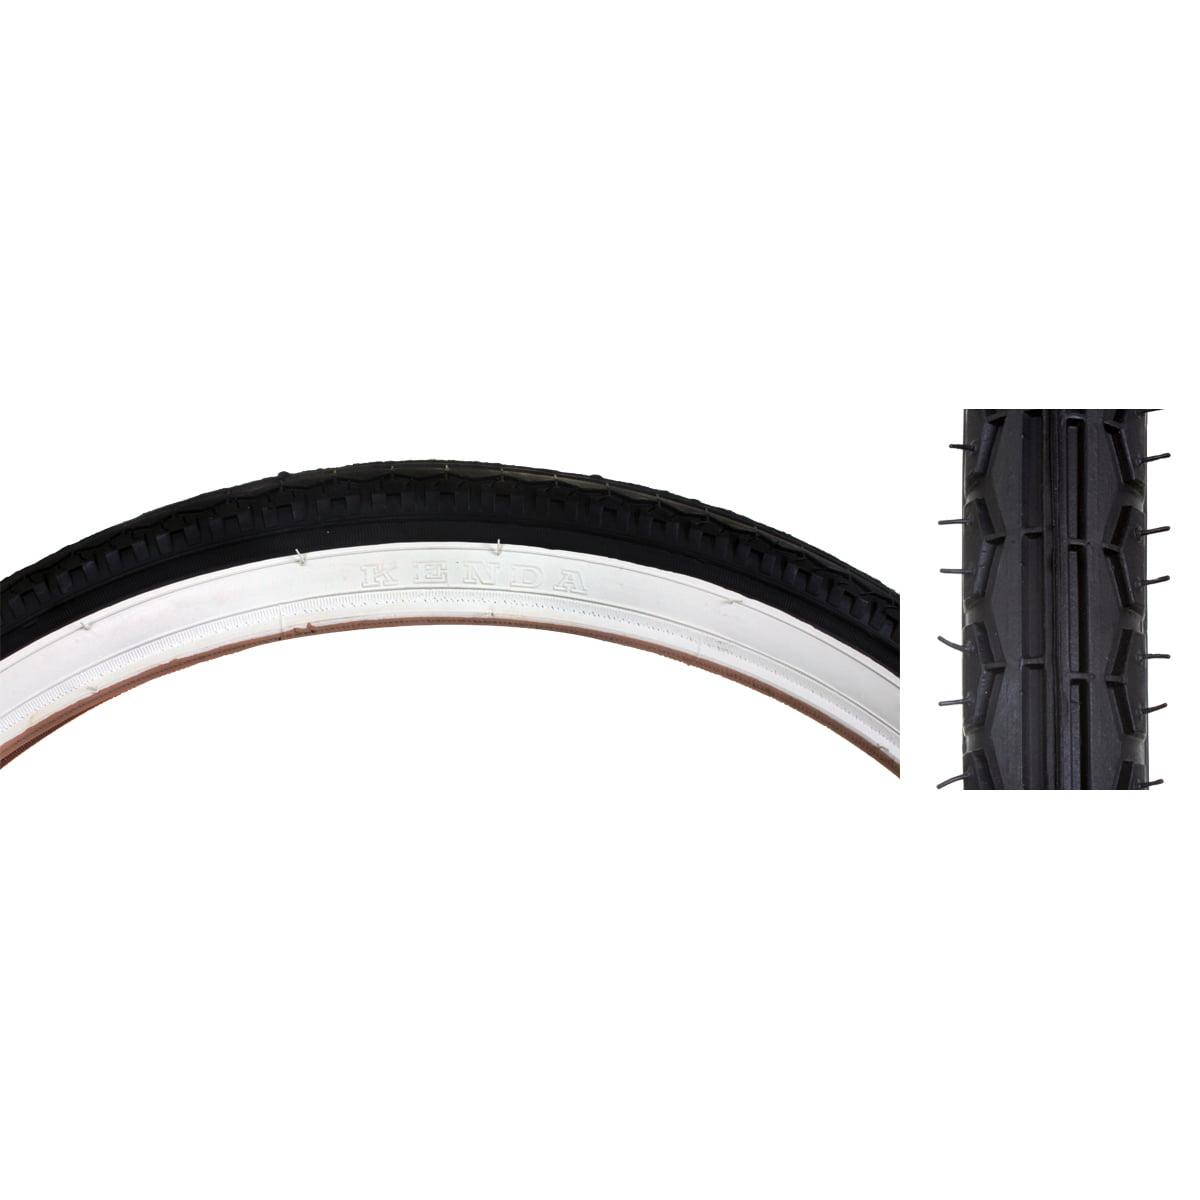 Sunlite Tire 24X1.75 Black/White Street K123